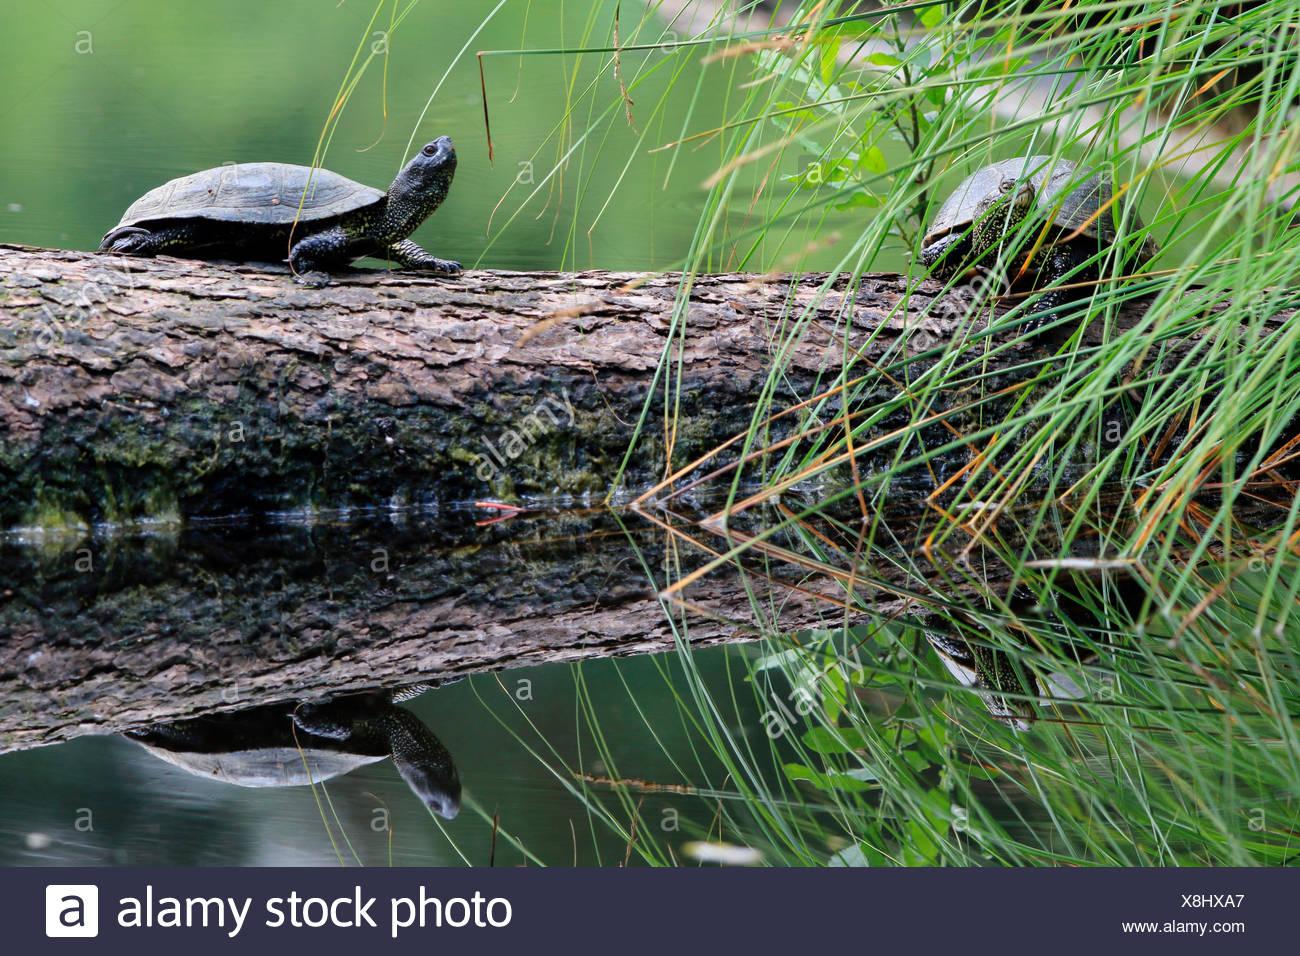 Europaeische Sumpfschildkroete, Emys orbicularis, Moorsee, Pfrunger-Burgweiler Ried, Baden-Wuerttemberg, Deutschland, Europa Immagini Stock